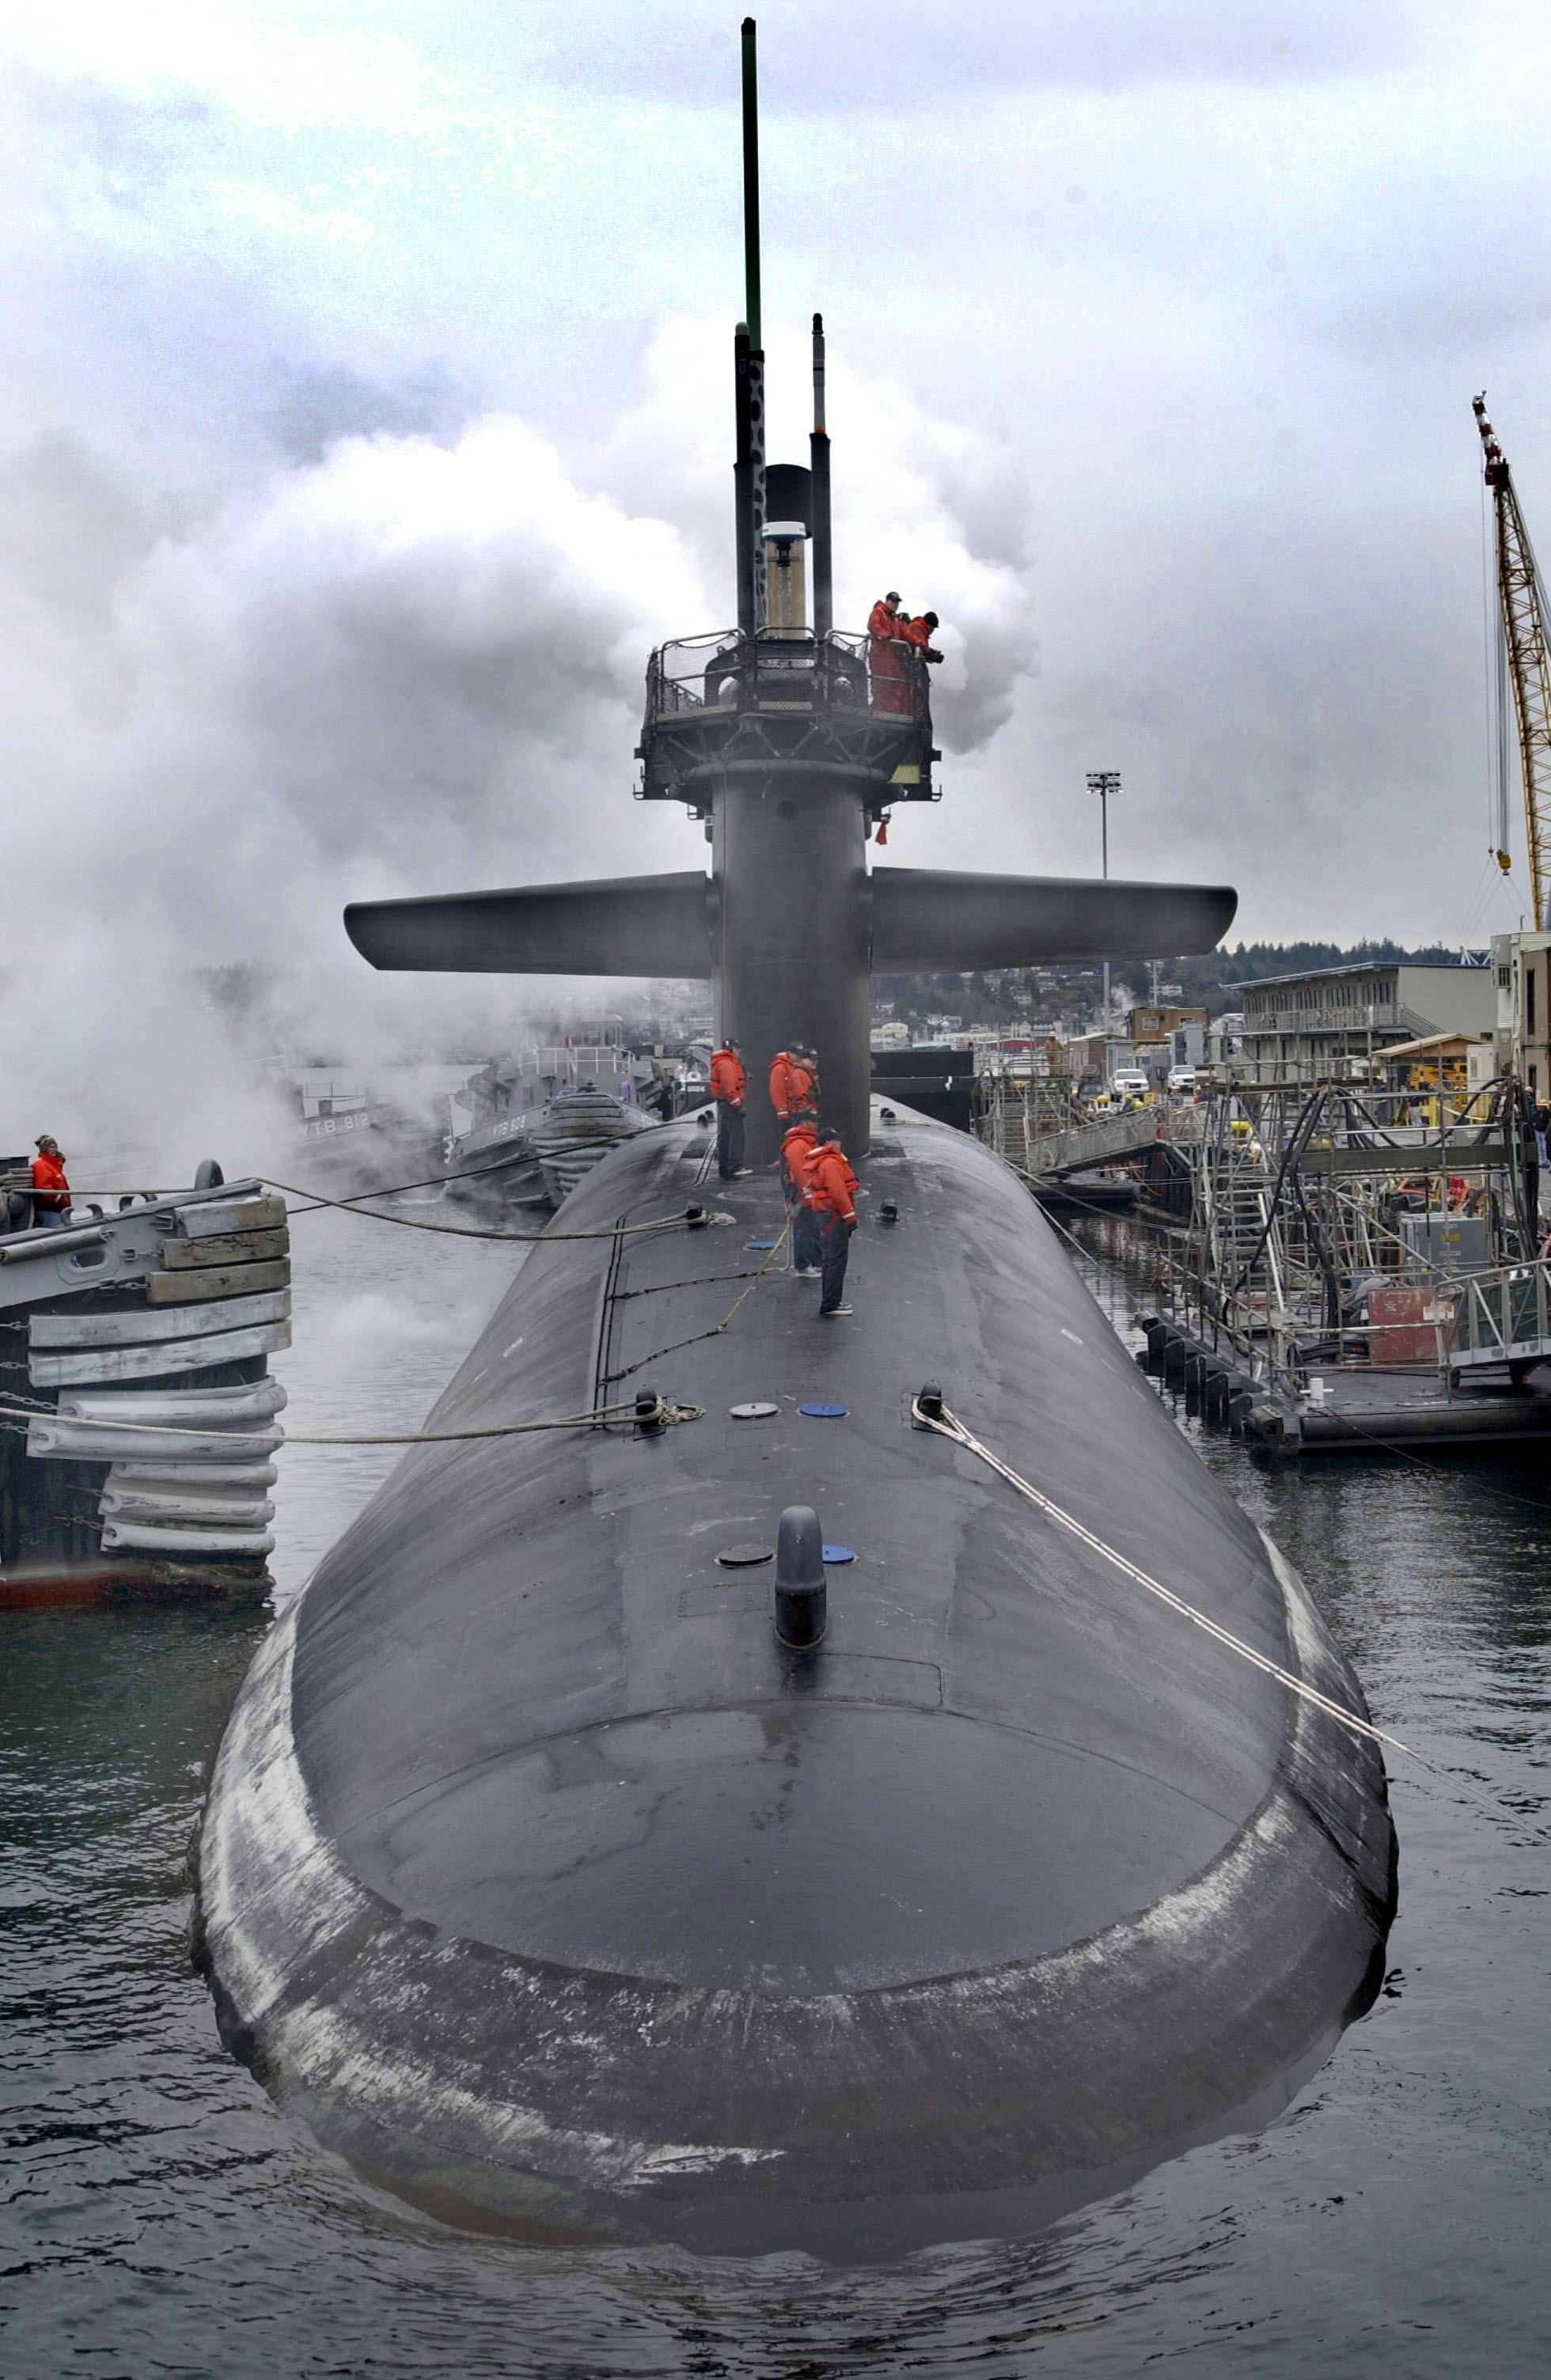 オハイオ級原子力潜水艦の画像 p1_38